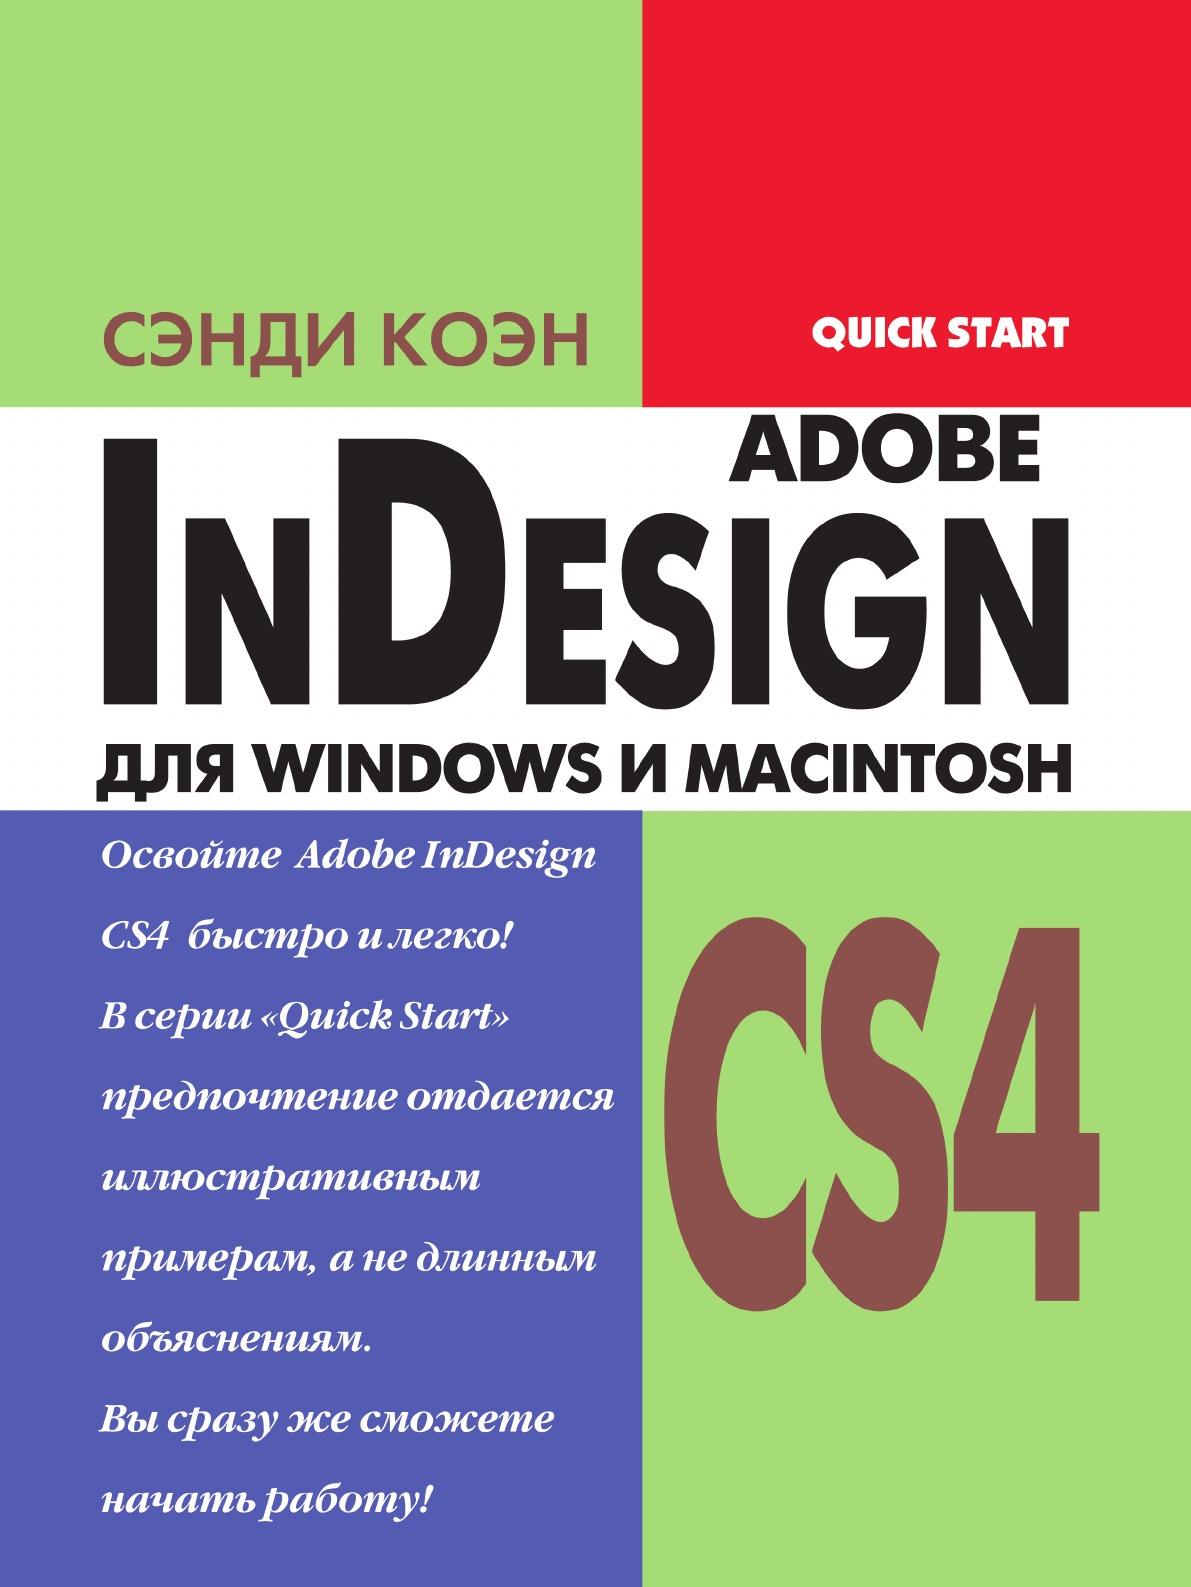 С. Коэн InDesign CS4 для Windows и Macintosh александр шапошников adobe indesign 2 0 издателю